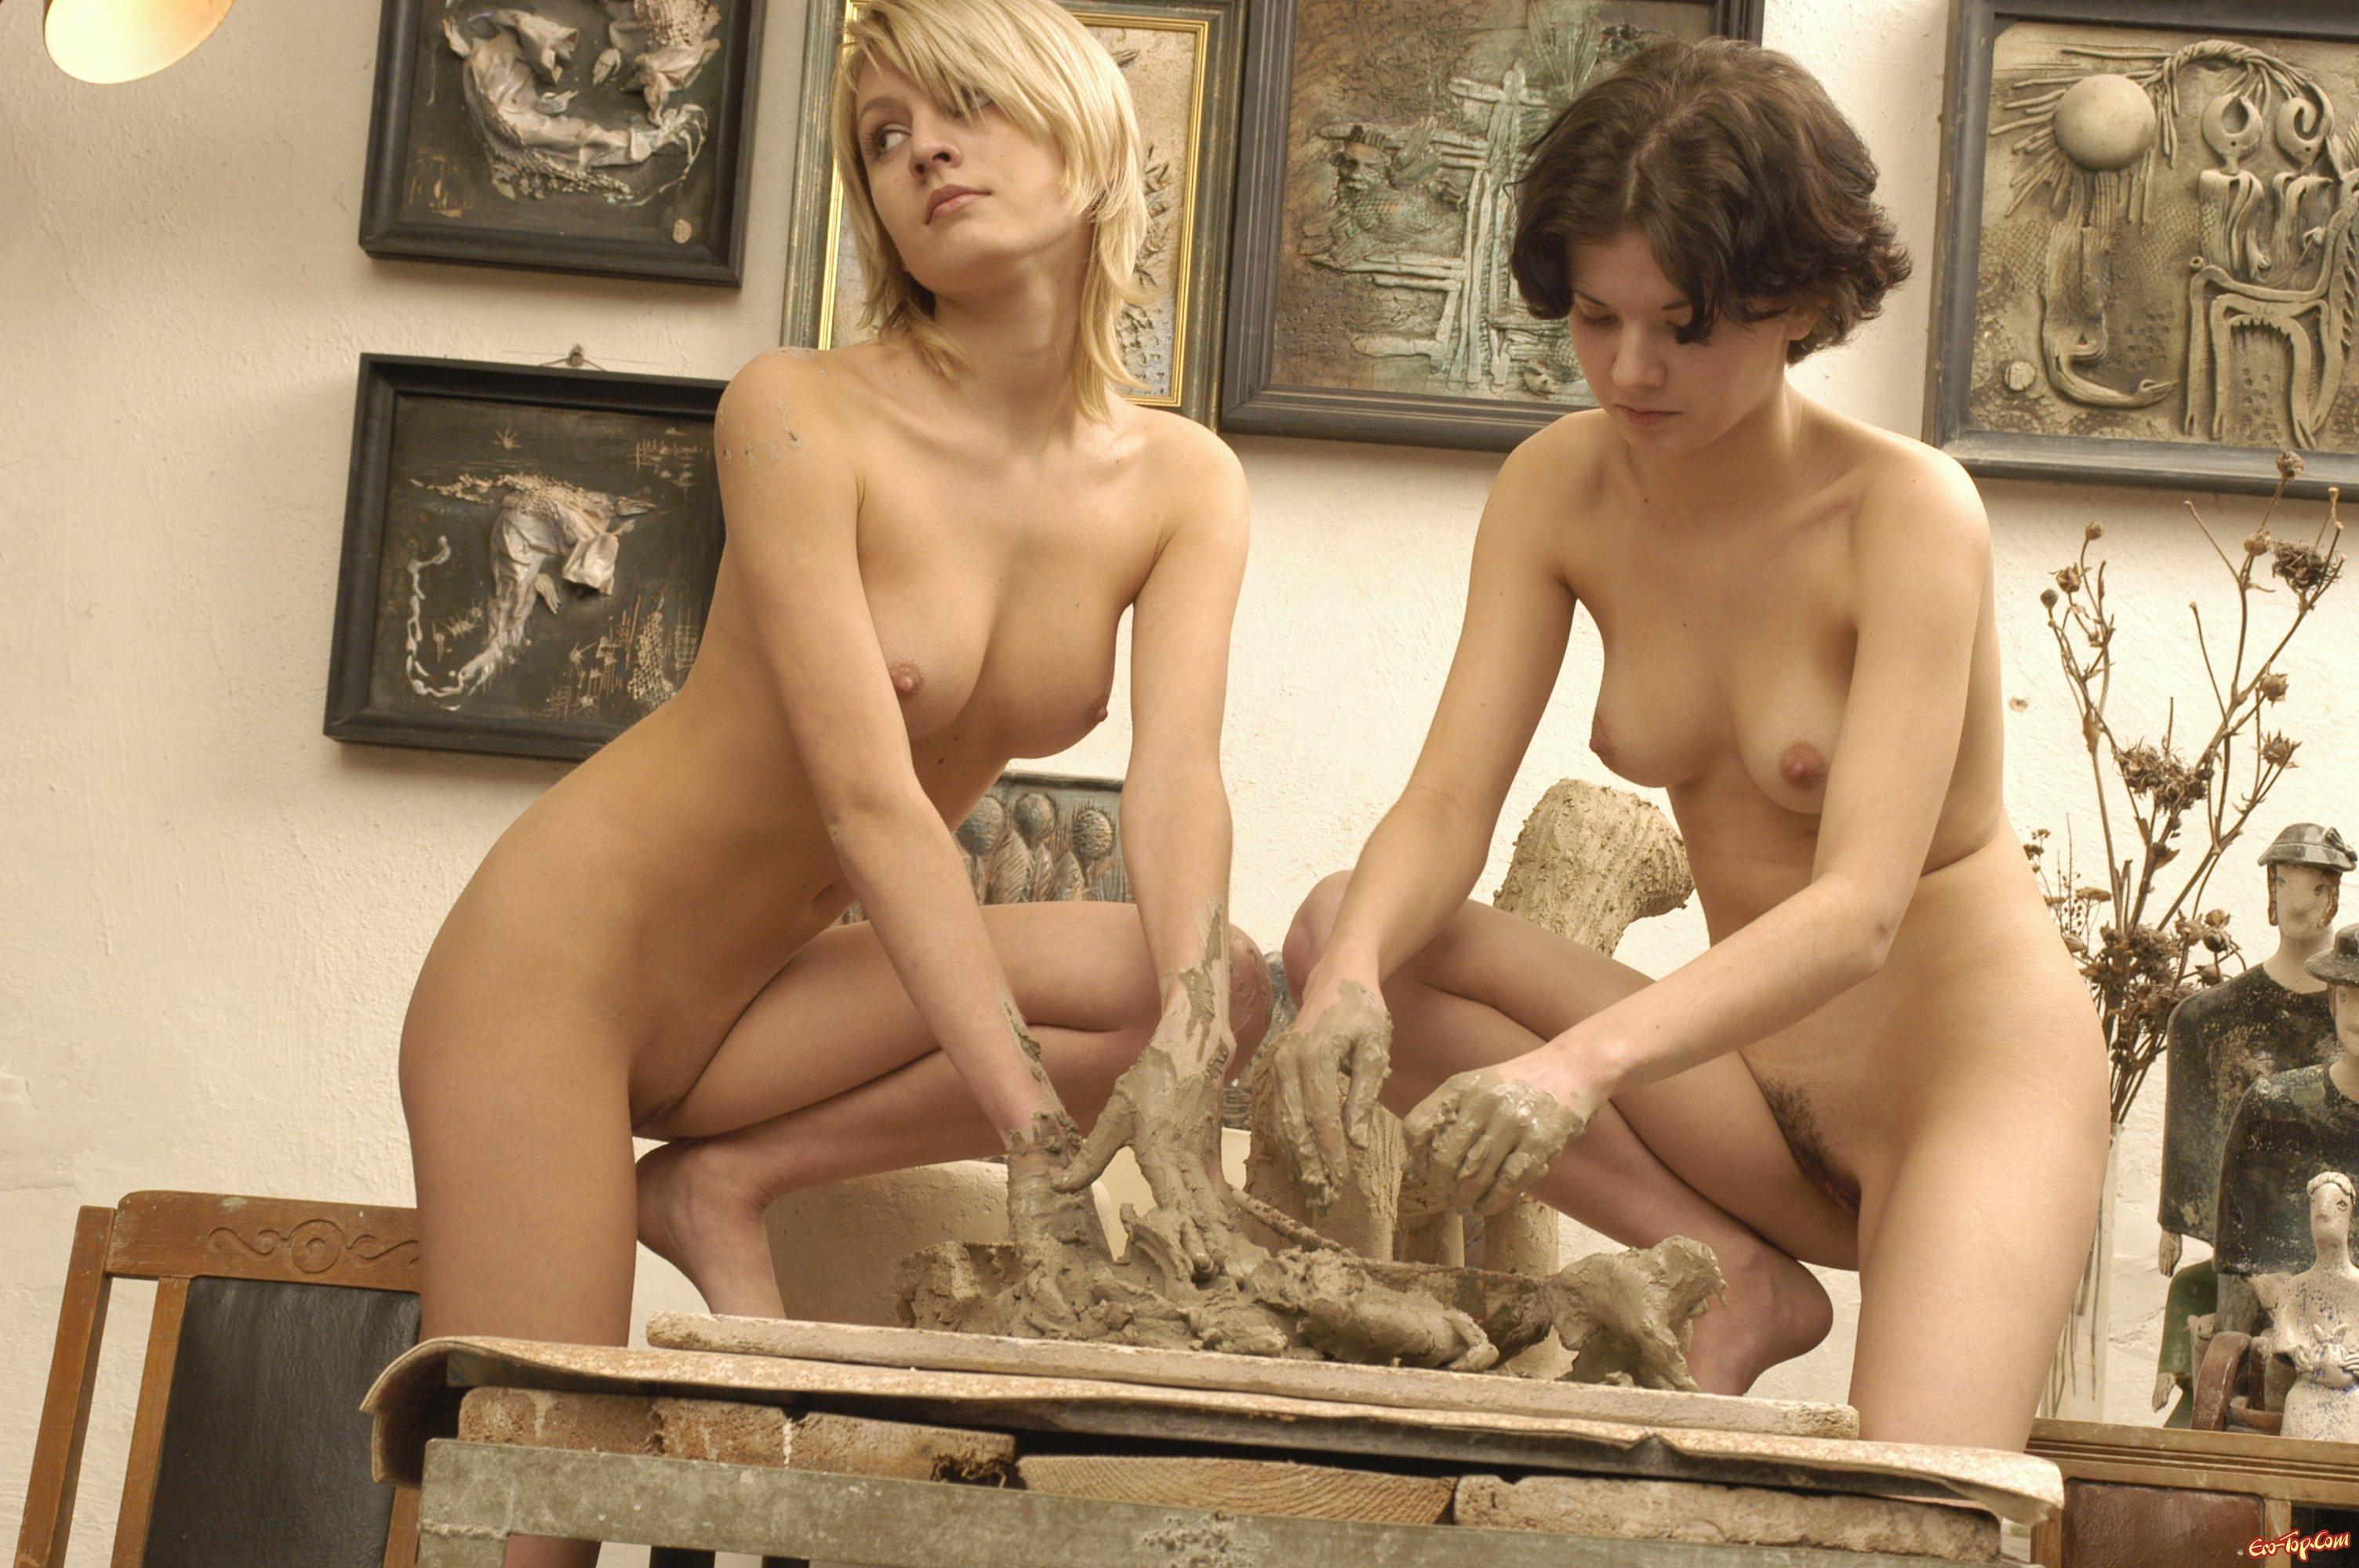 Фотот голые девушке на работе